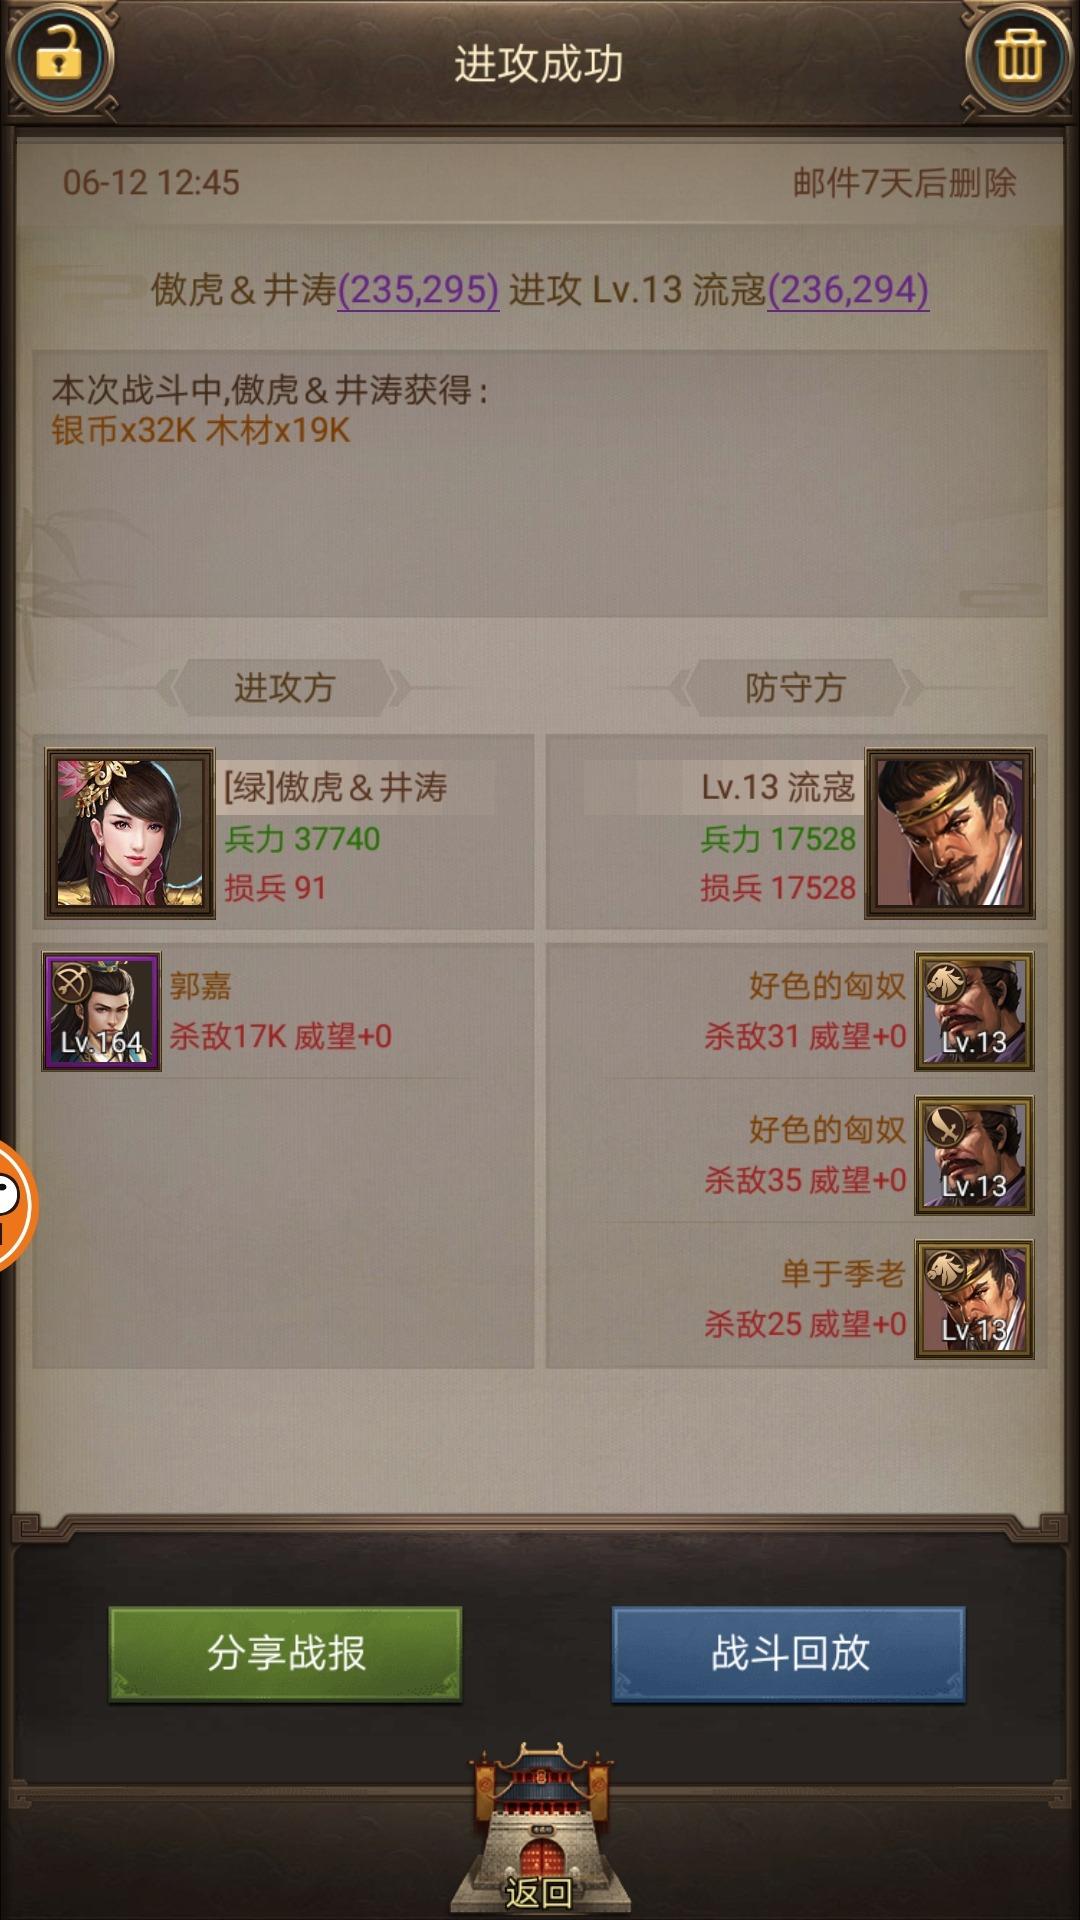 Screenshot_20190612-124634.jpg